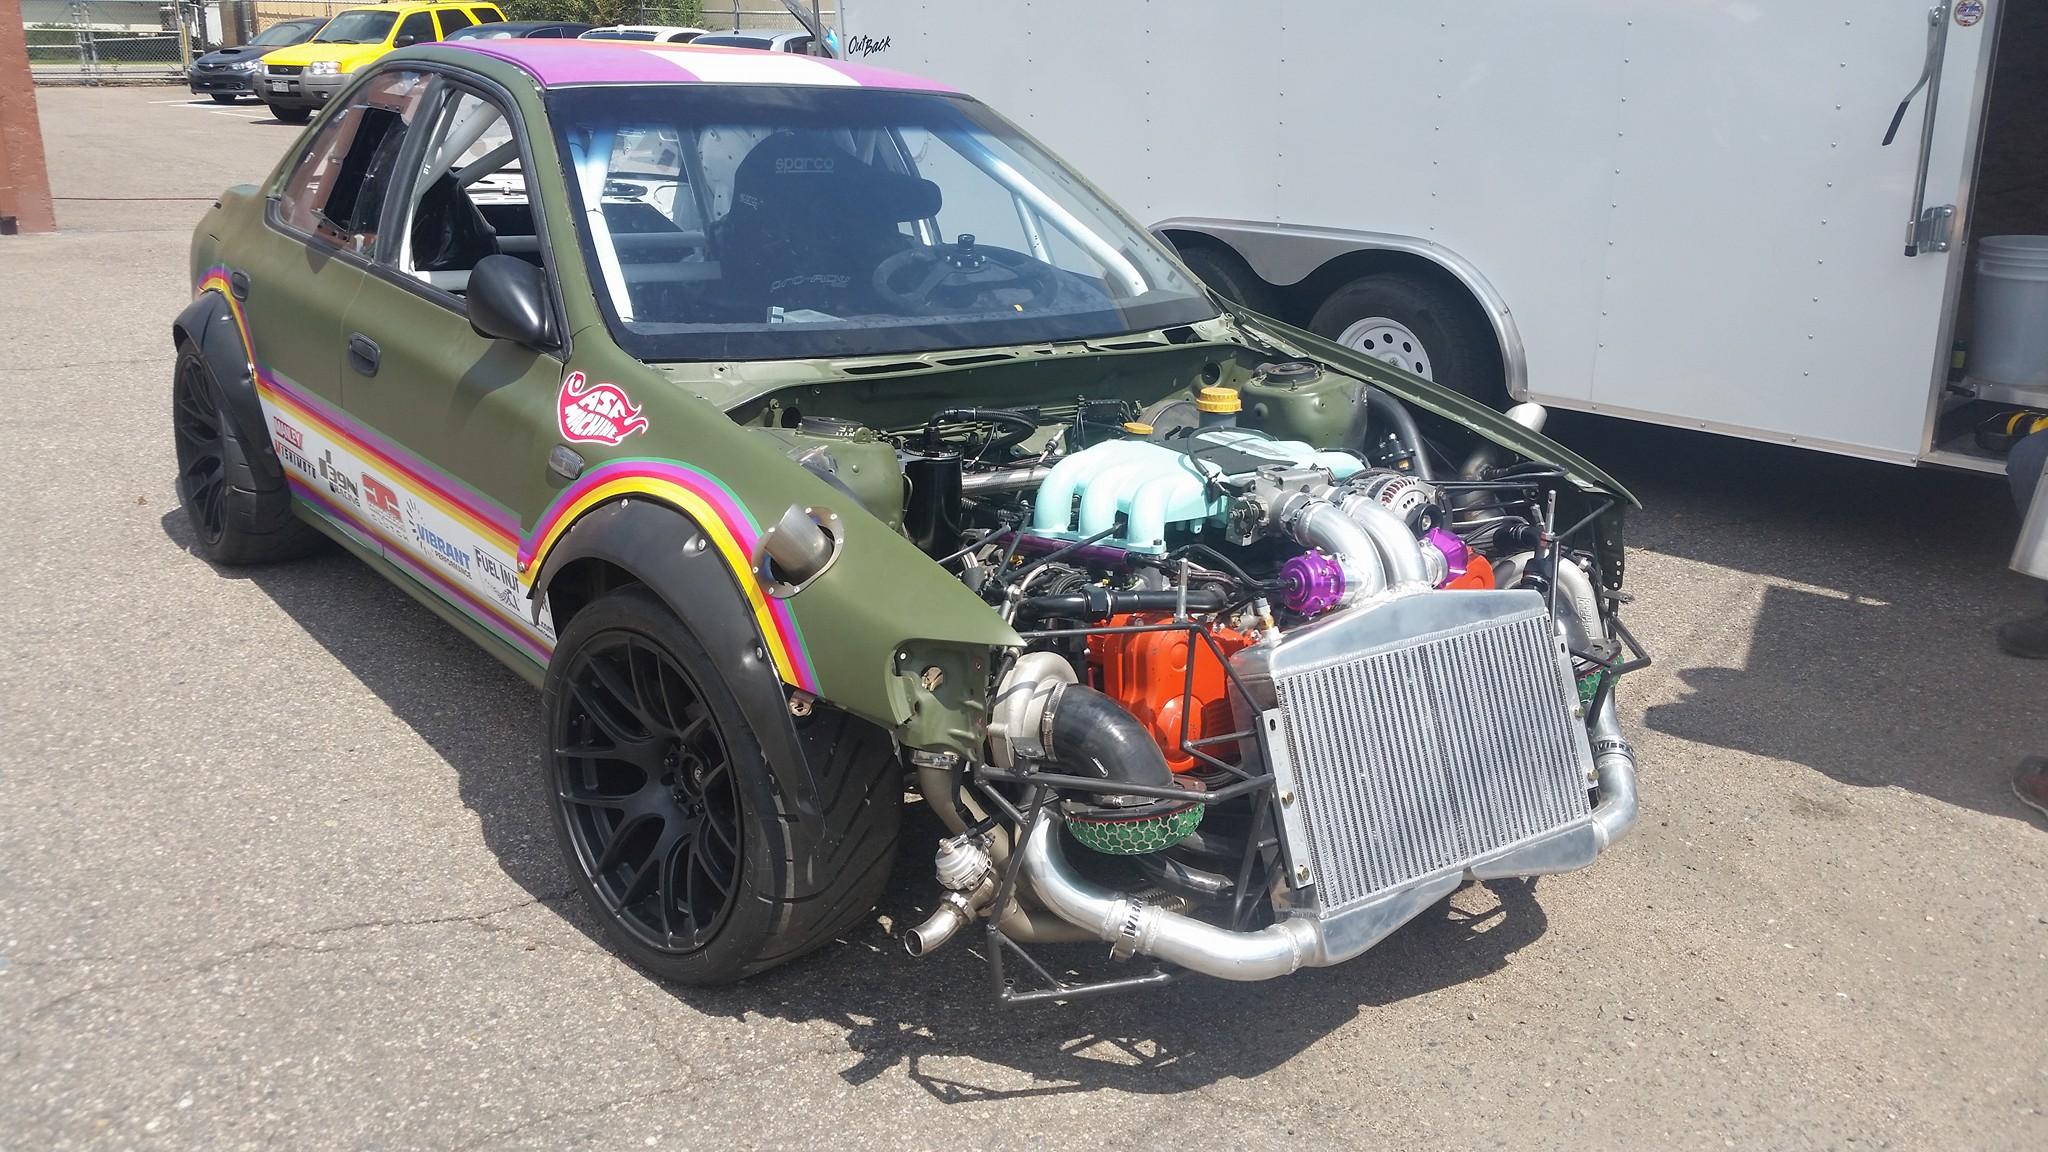 Subaru Impreza with a Twin-Turbo Flat-Six – Engine Swap Depot